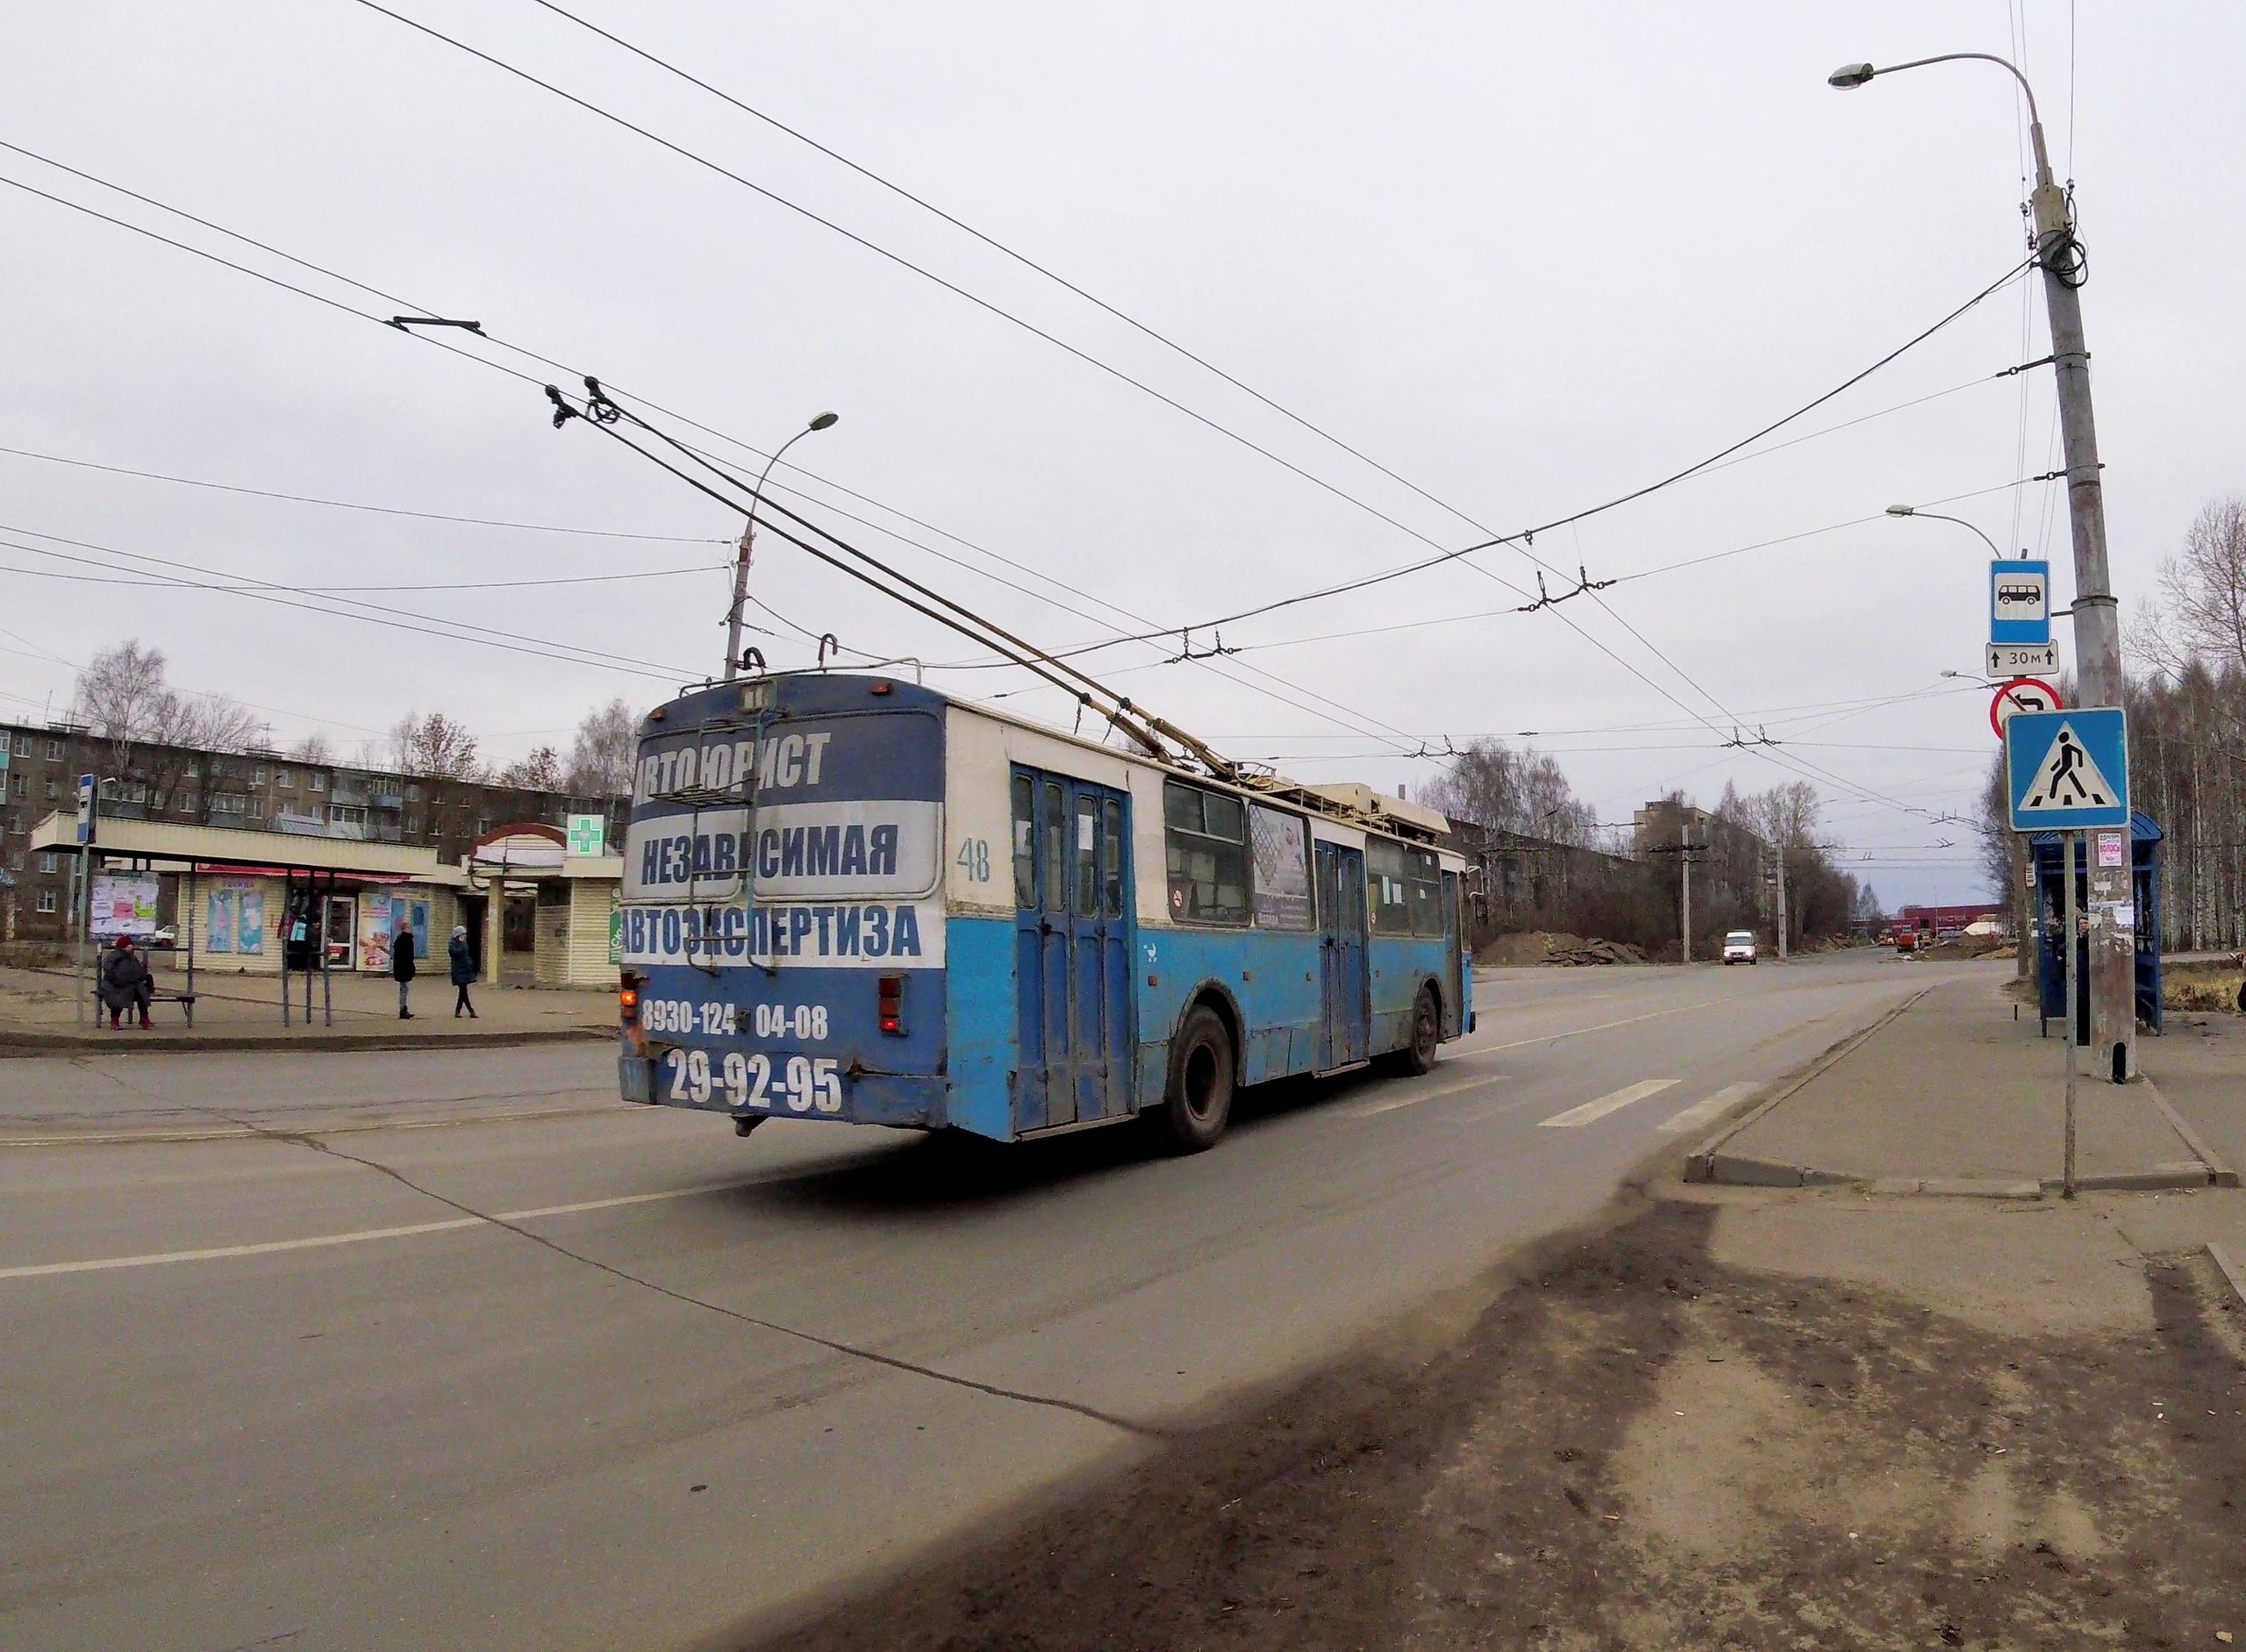 Троллейбус №1, ул.Расторгуева